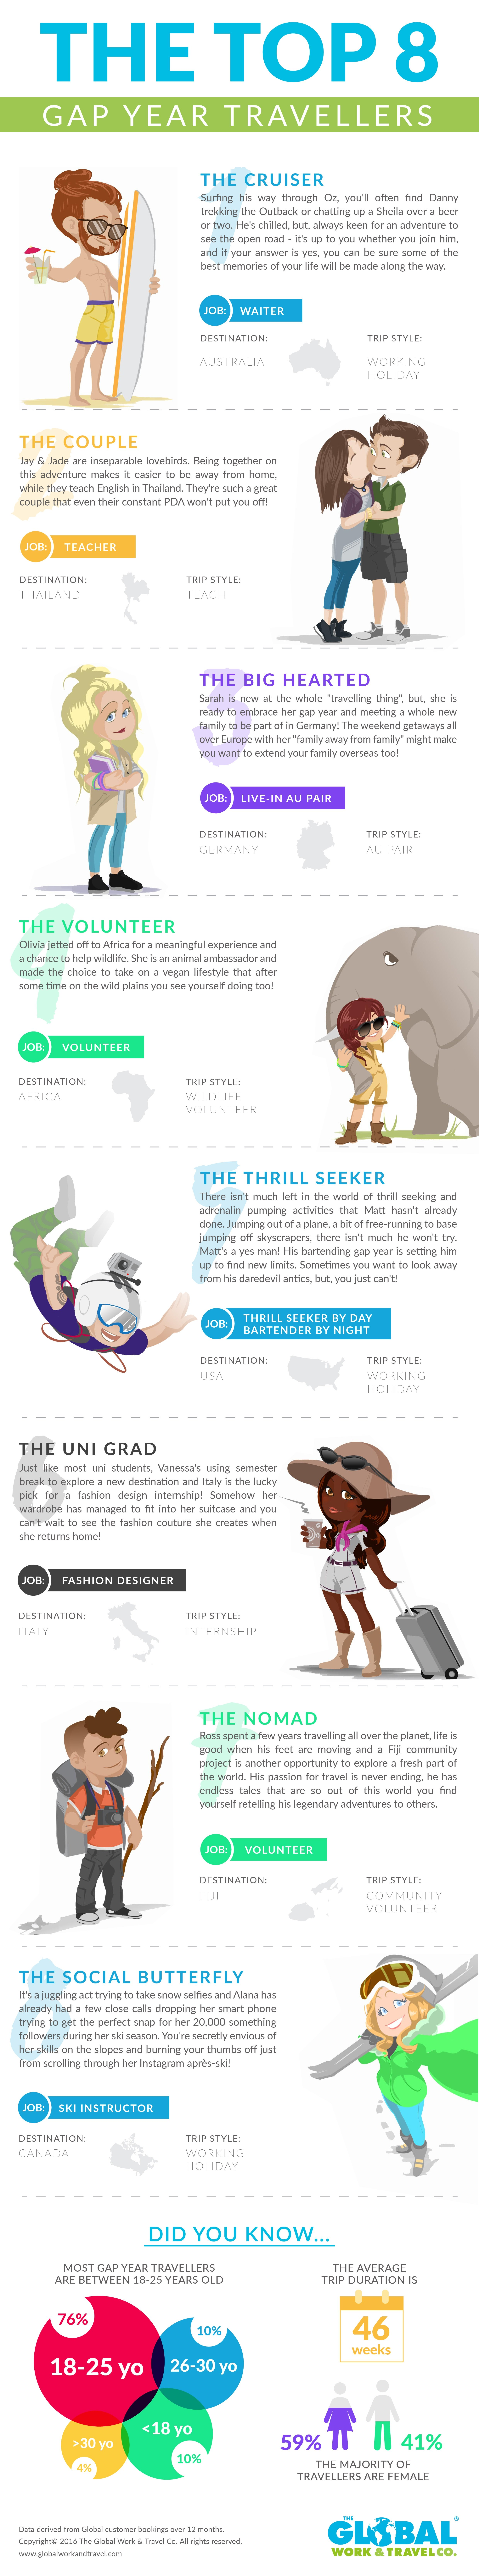 The_top_8_gap_year_travellers.jpg